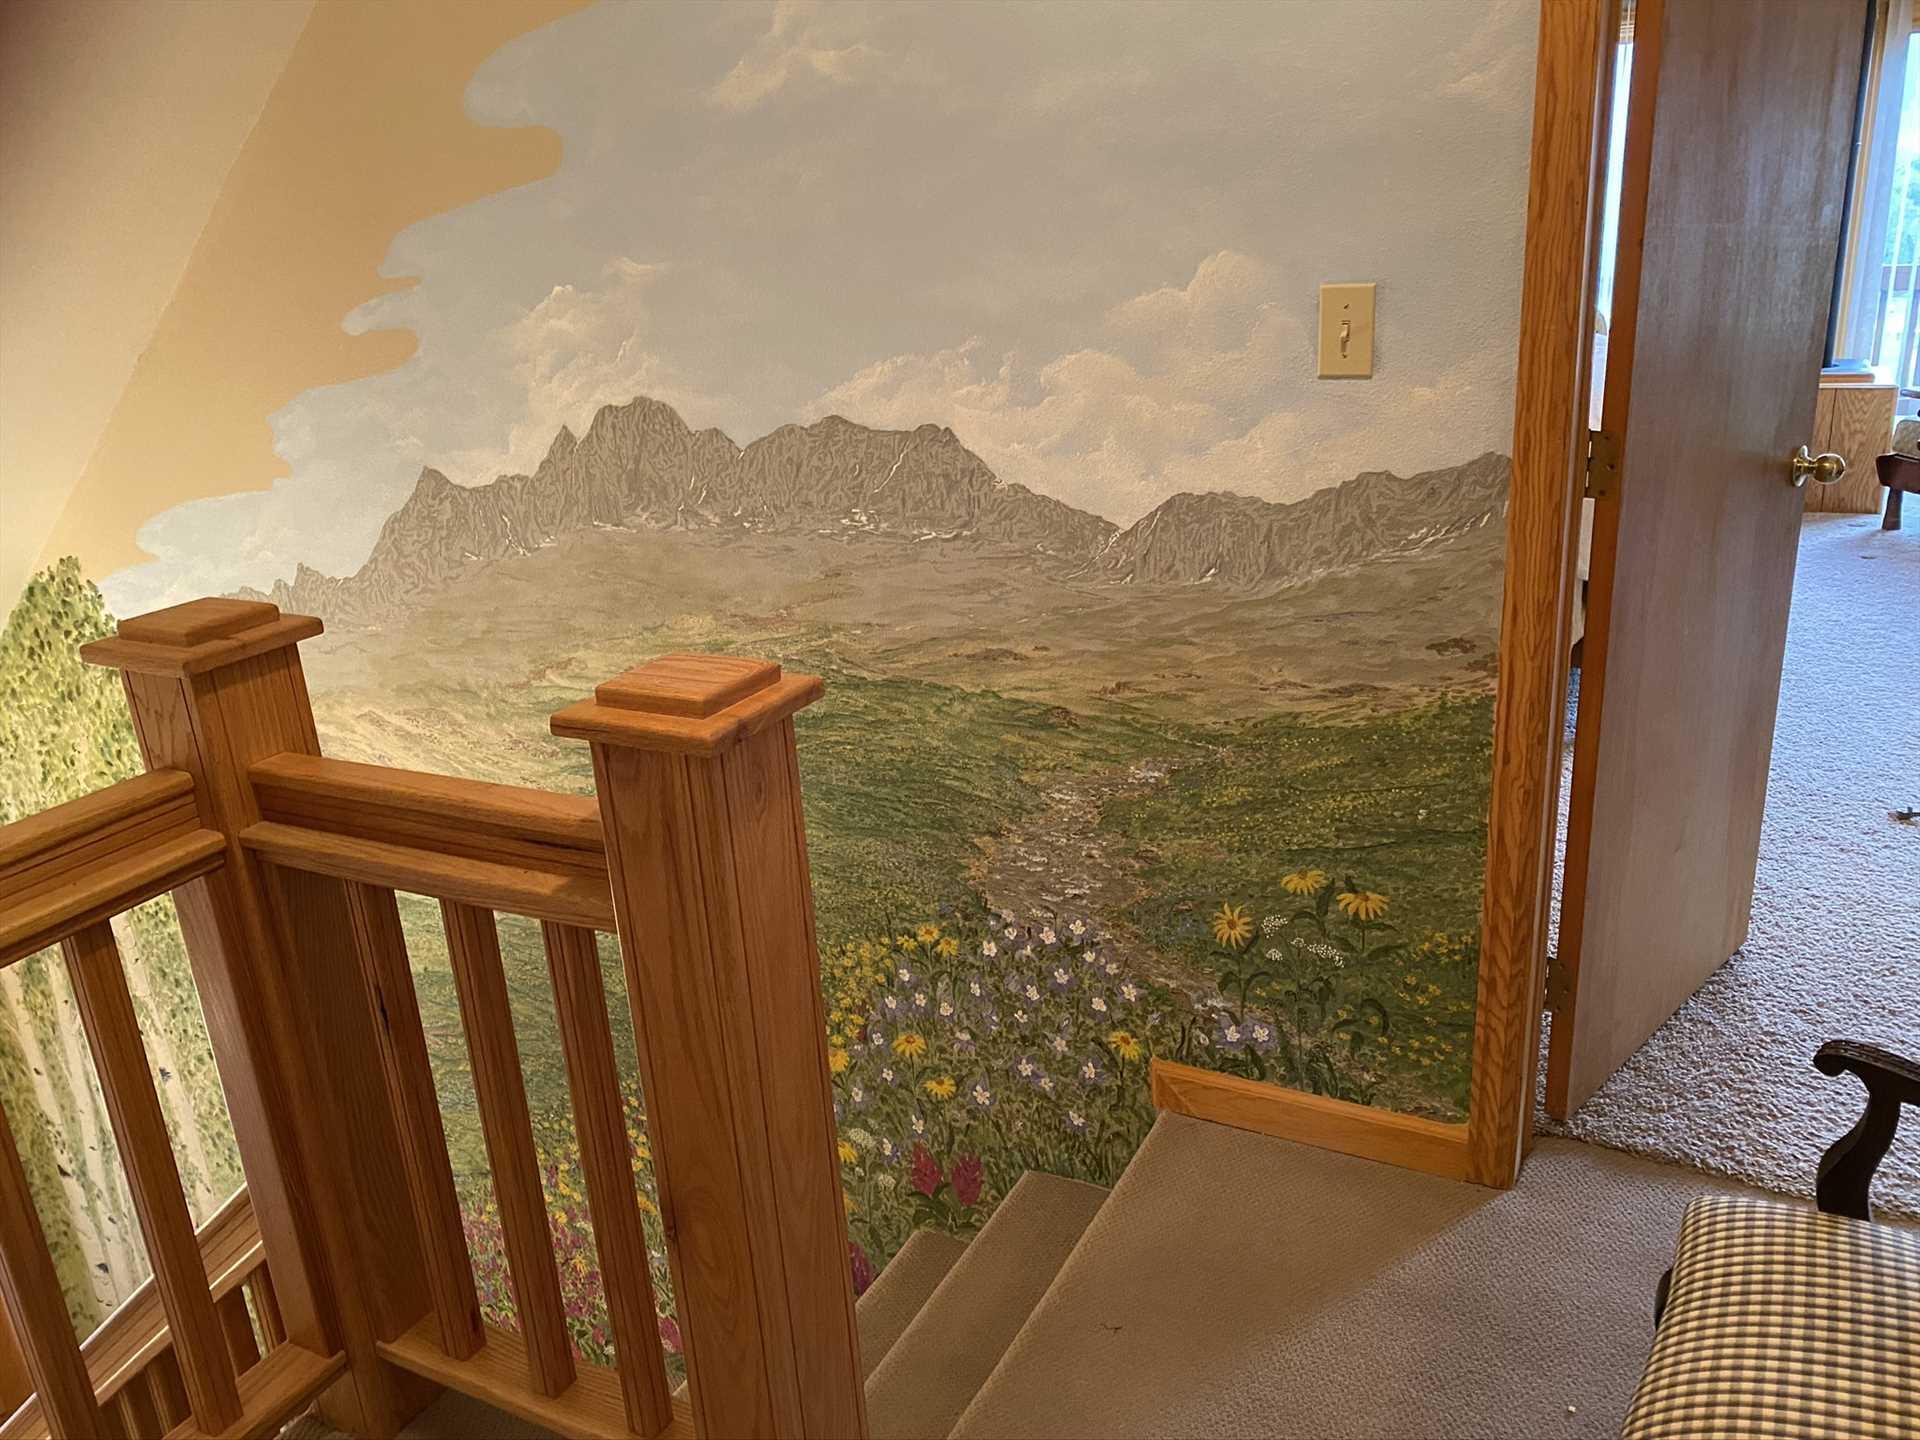 Mural of American Basin